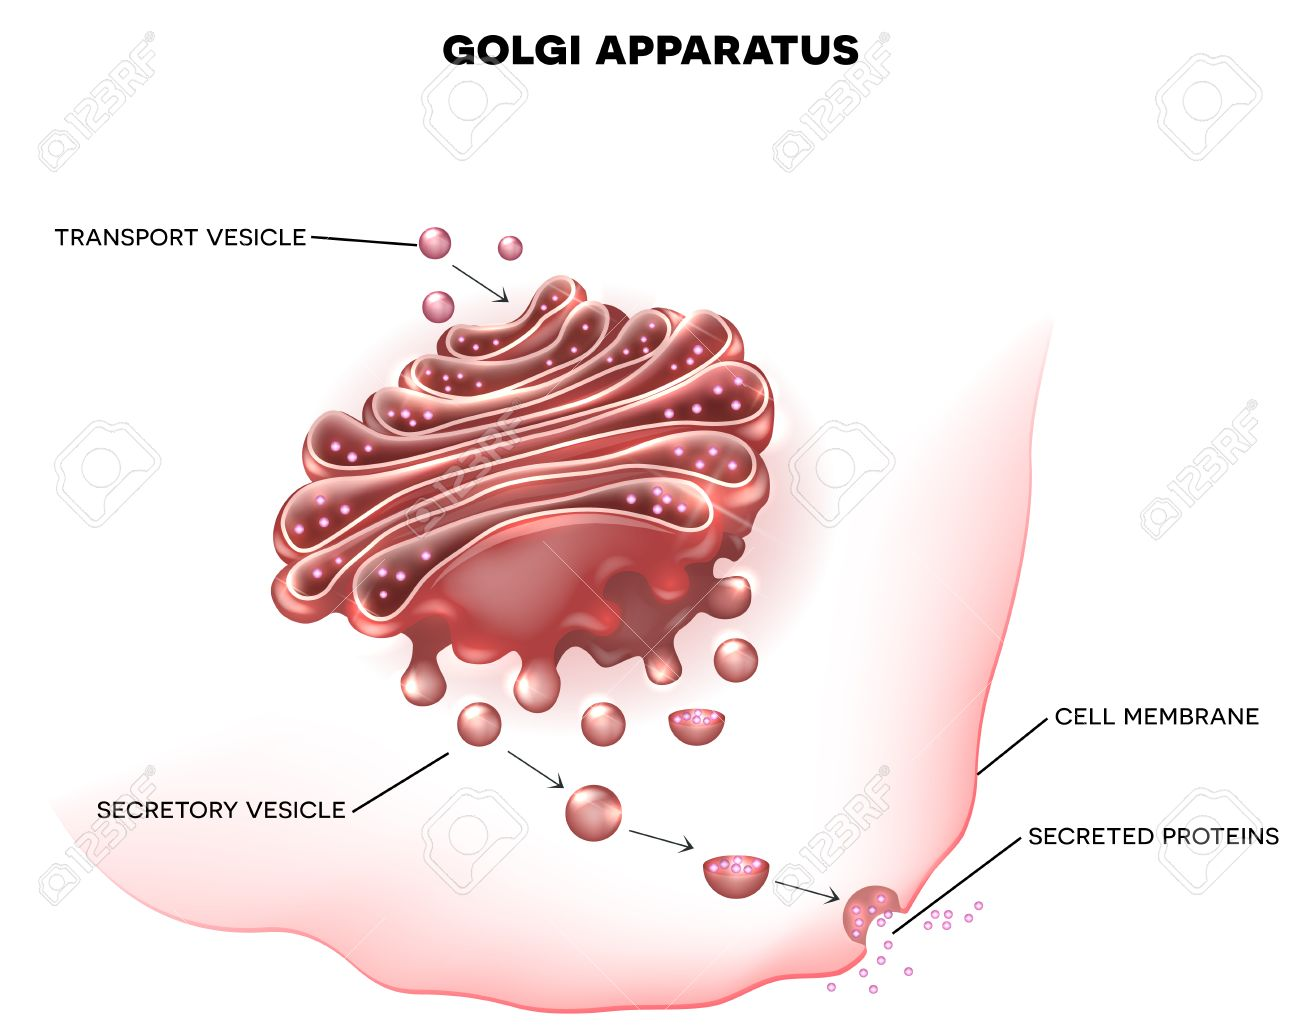 Aparato De Golgi Una Parte De La Célula Eucariota. Ilustración ...